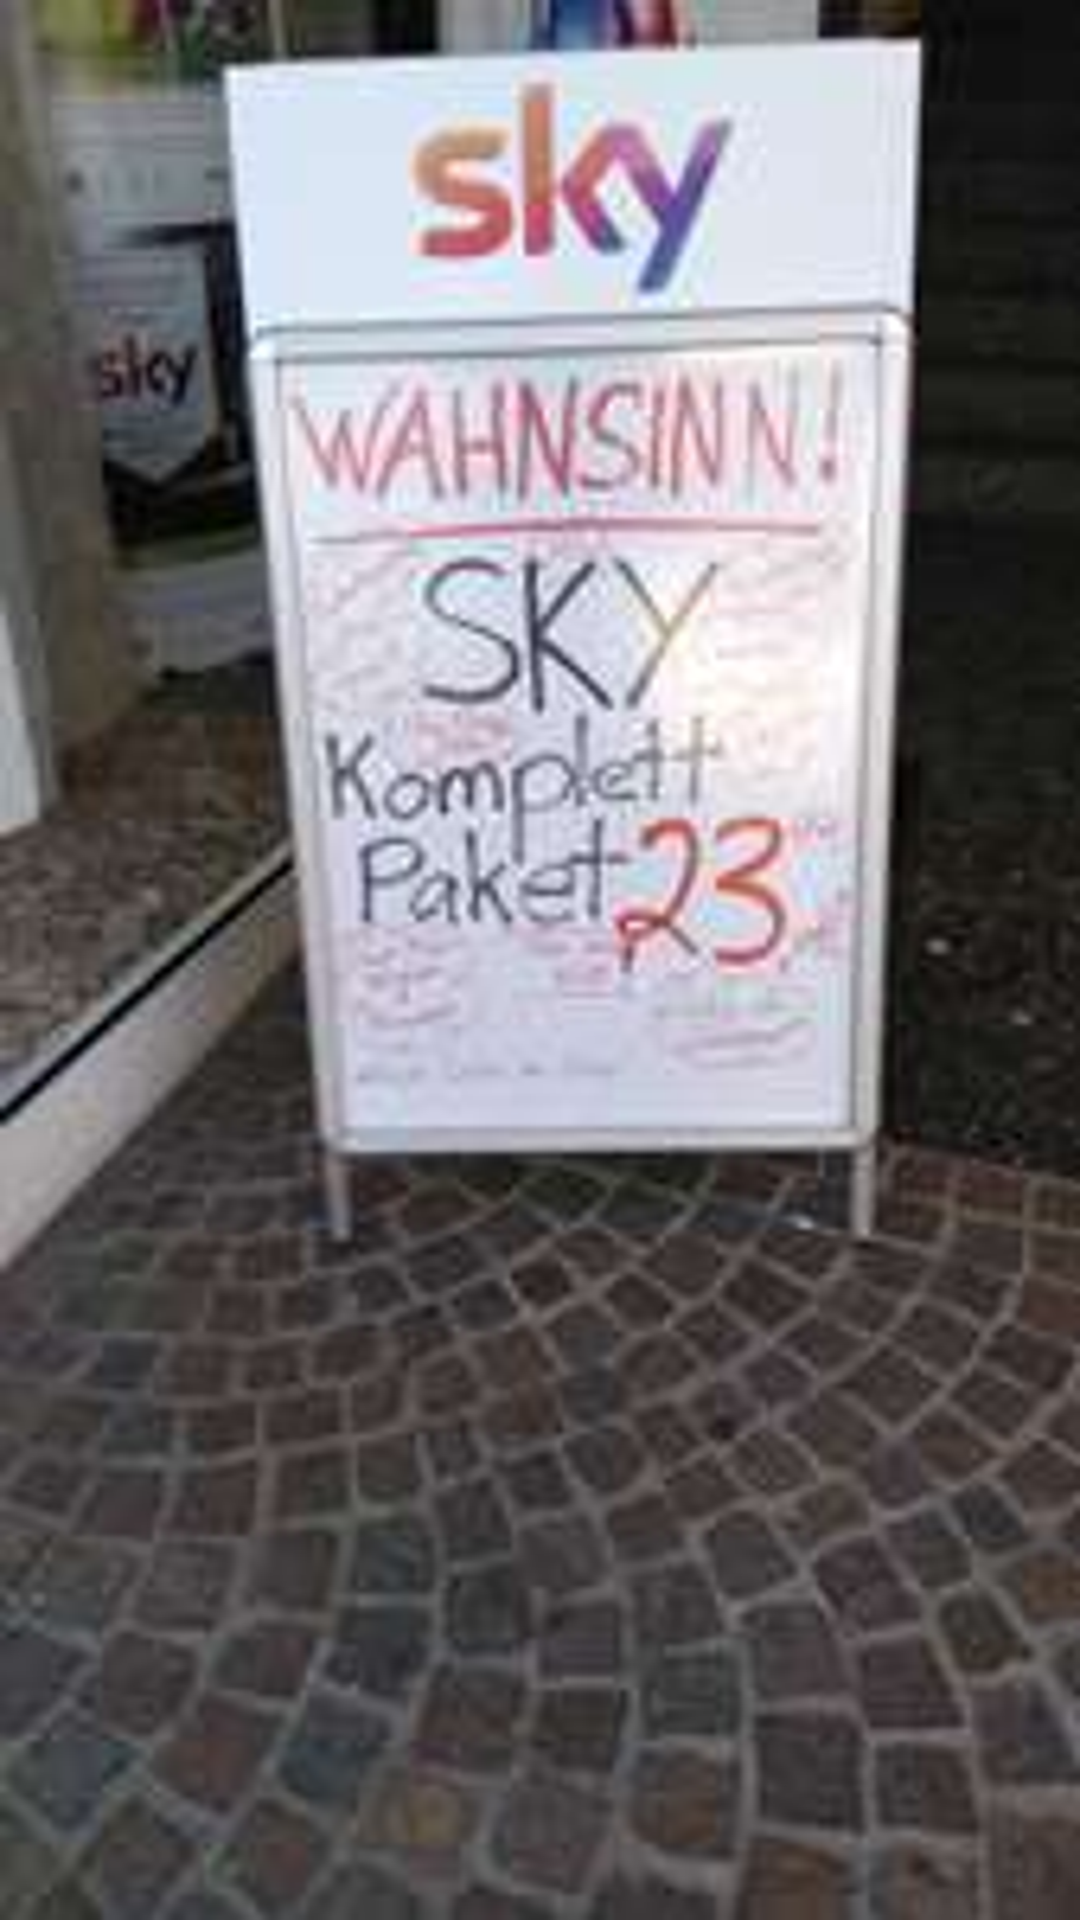 Sky komplett lokal offline in Siegburg